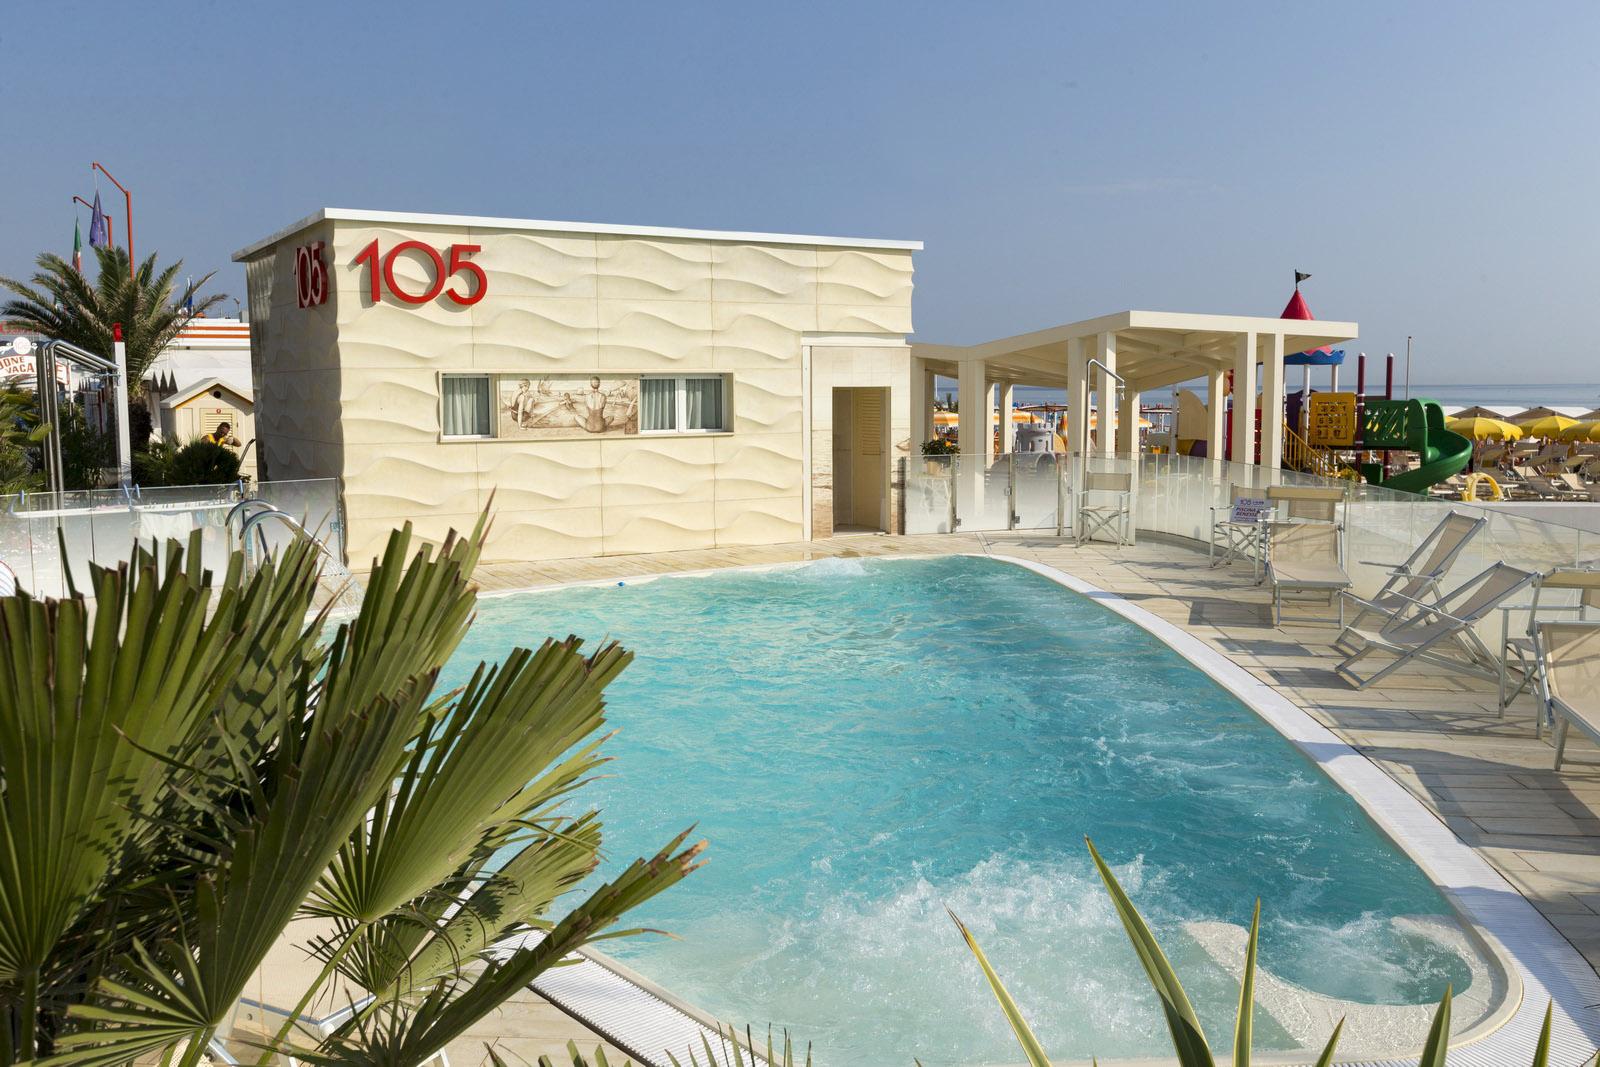 spiaggia 105 riccione location per eventi con piscina